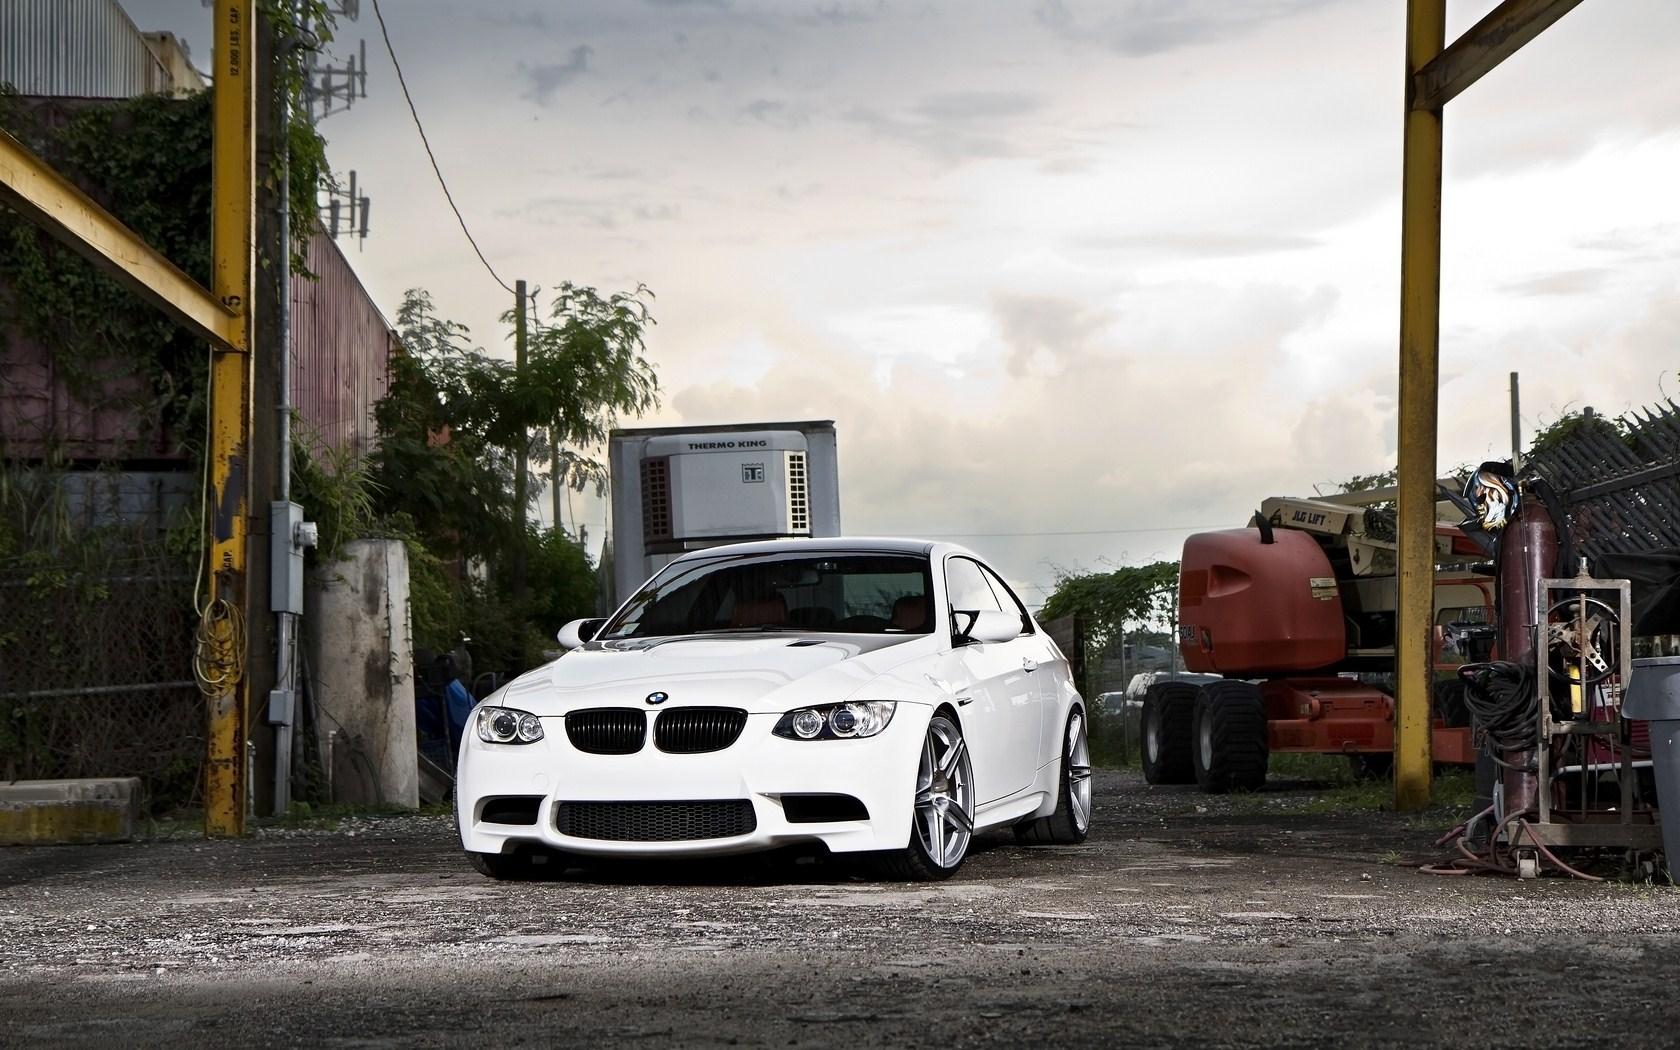 Cool White BMW Wallpaper